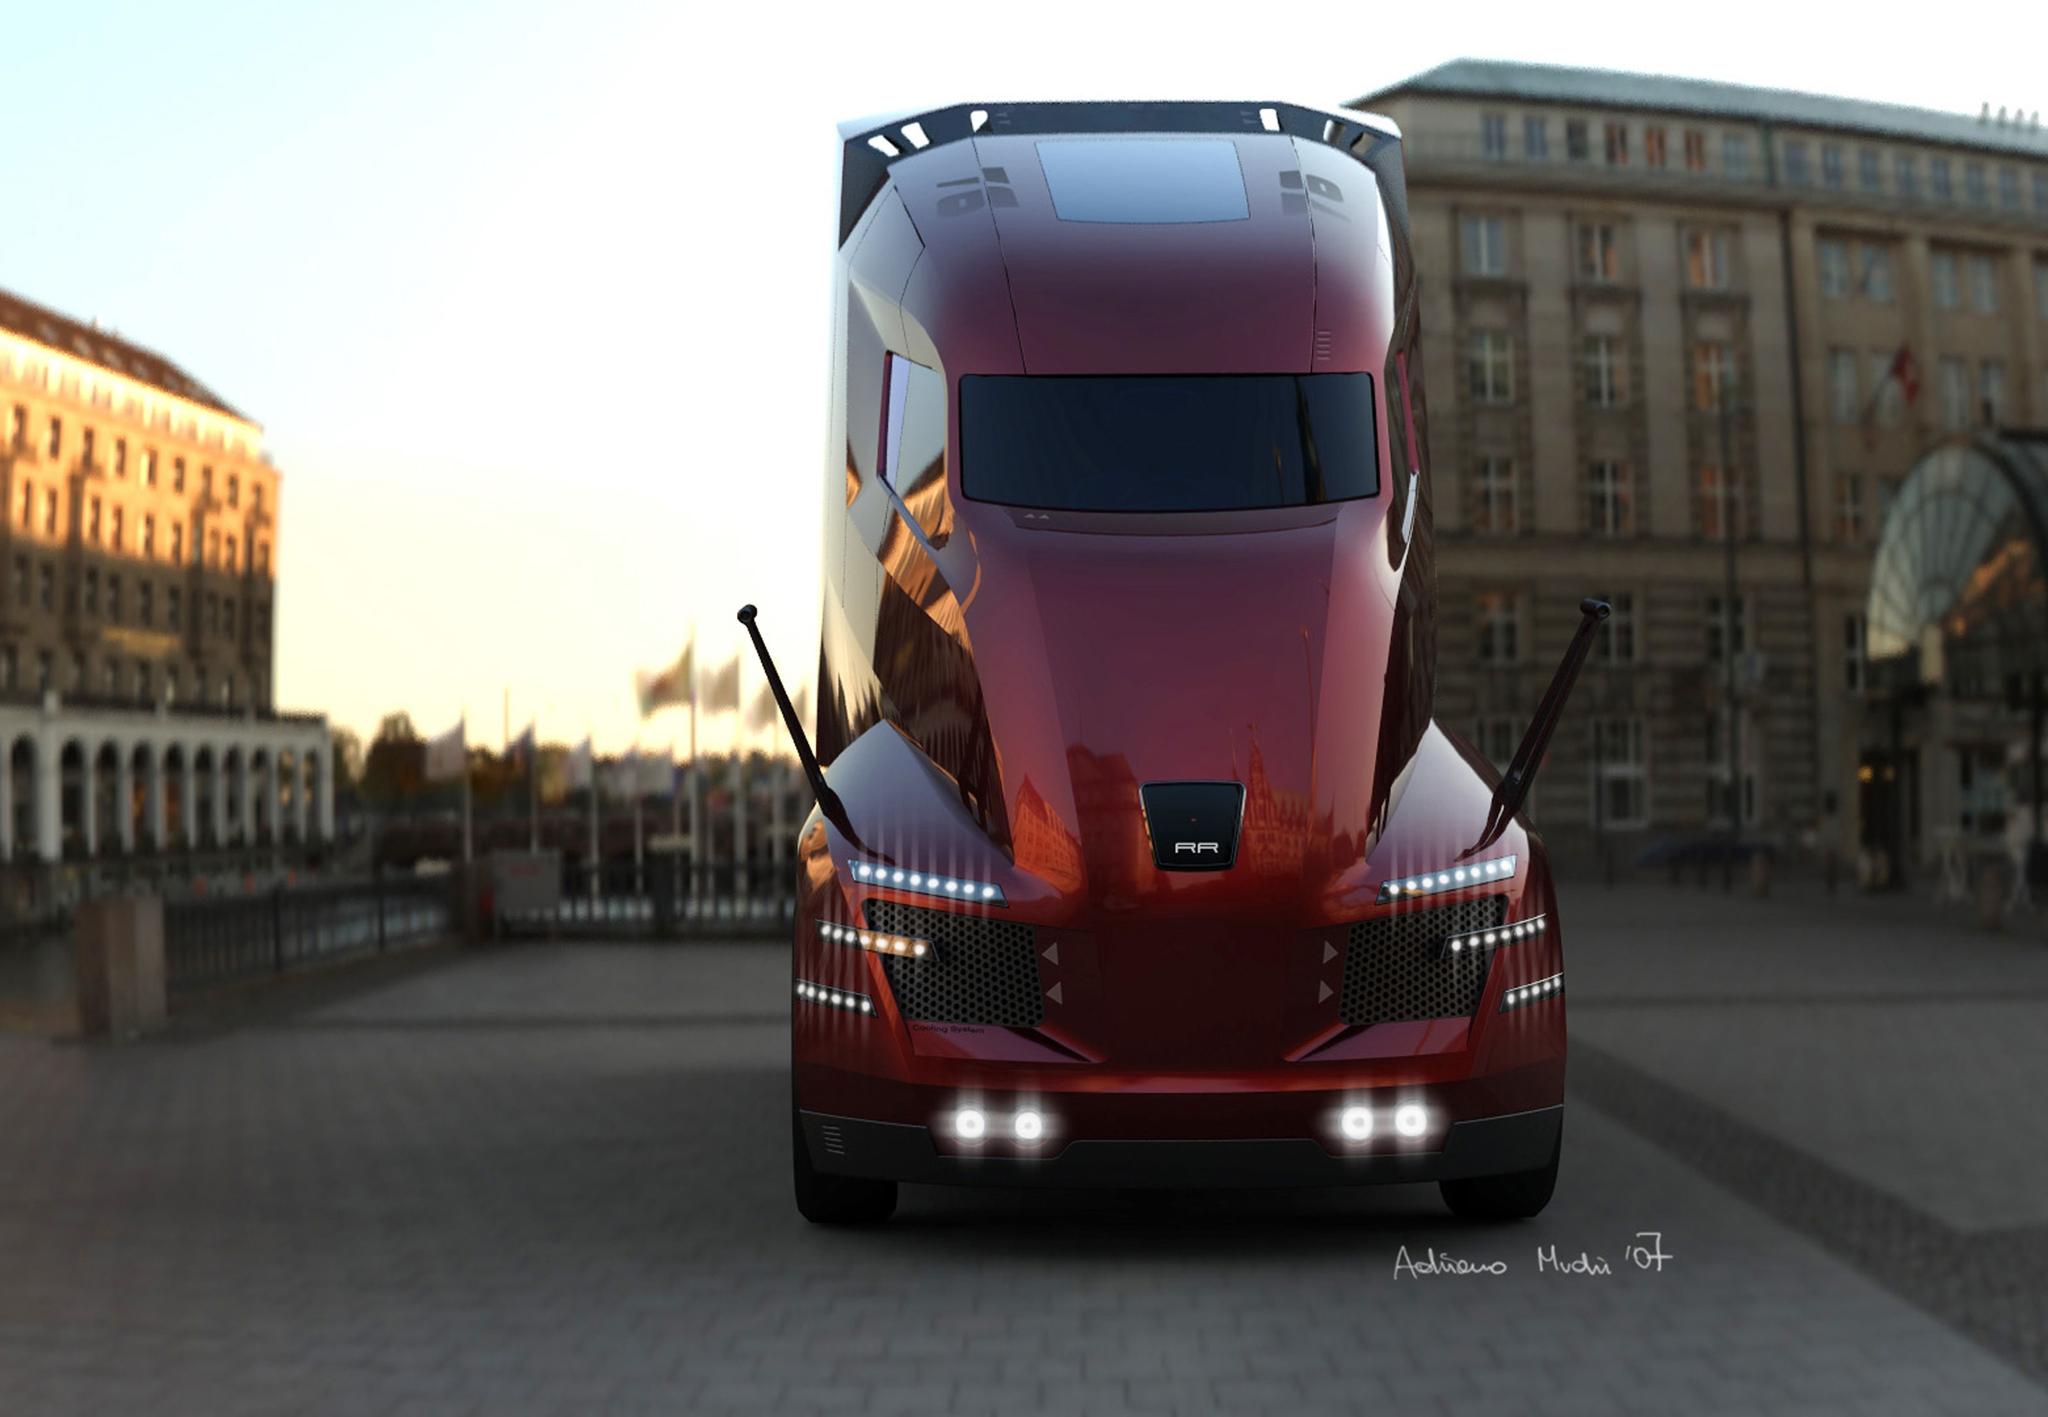 Pictures Of Future Trucks: Road Runner By Adriano Mudri, Austria